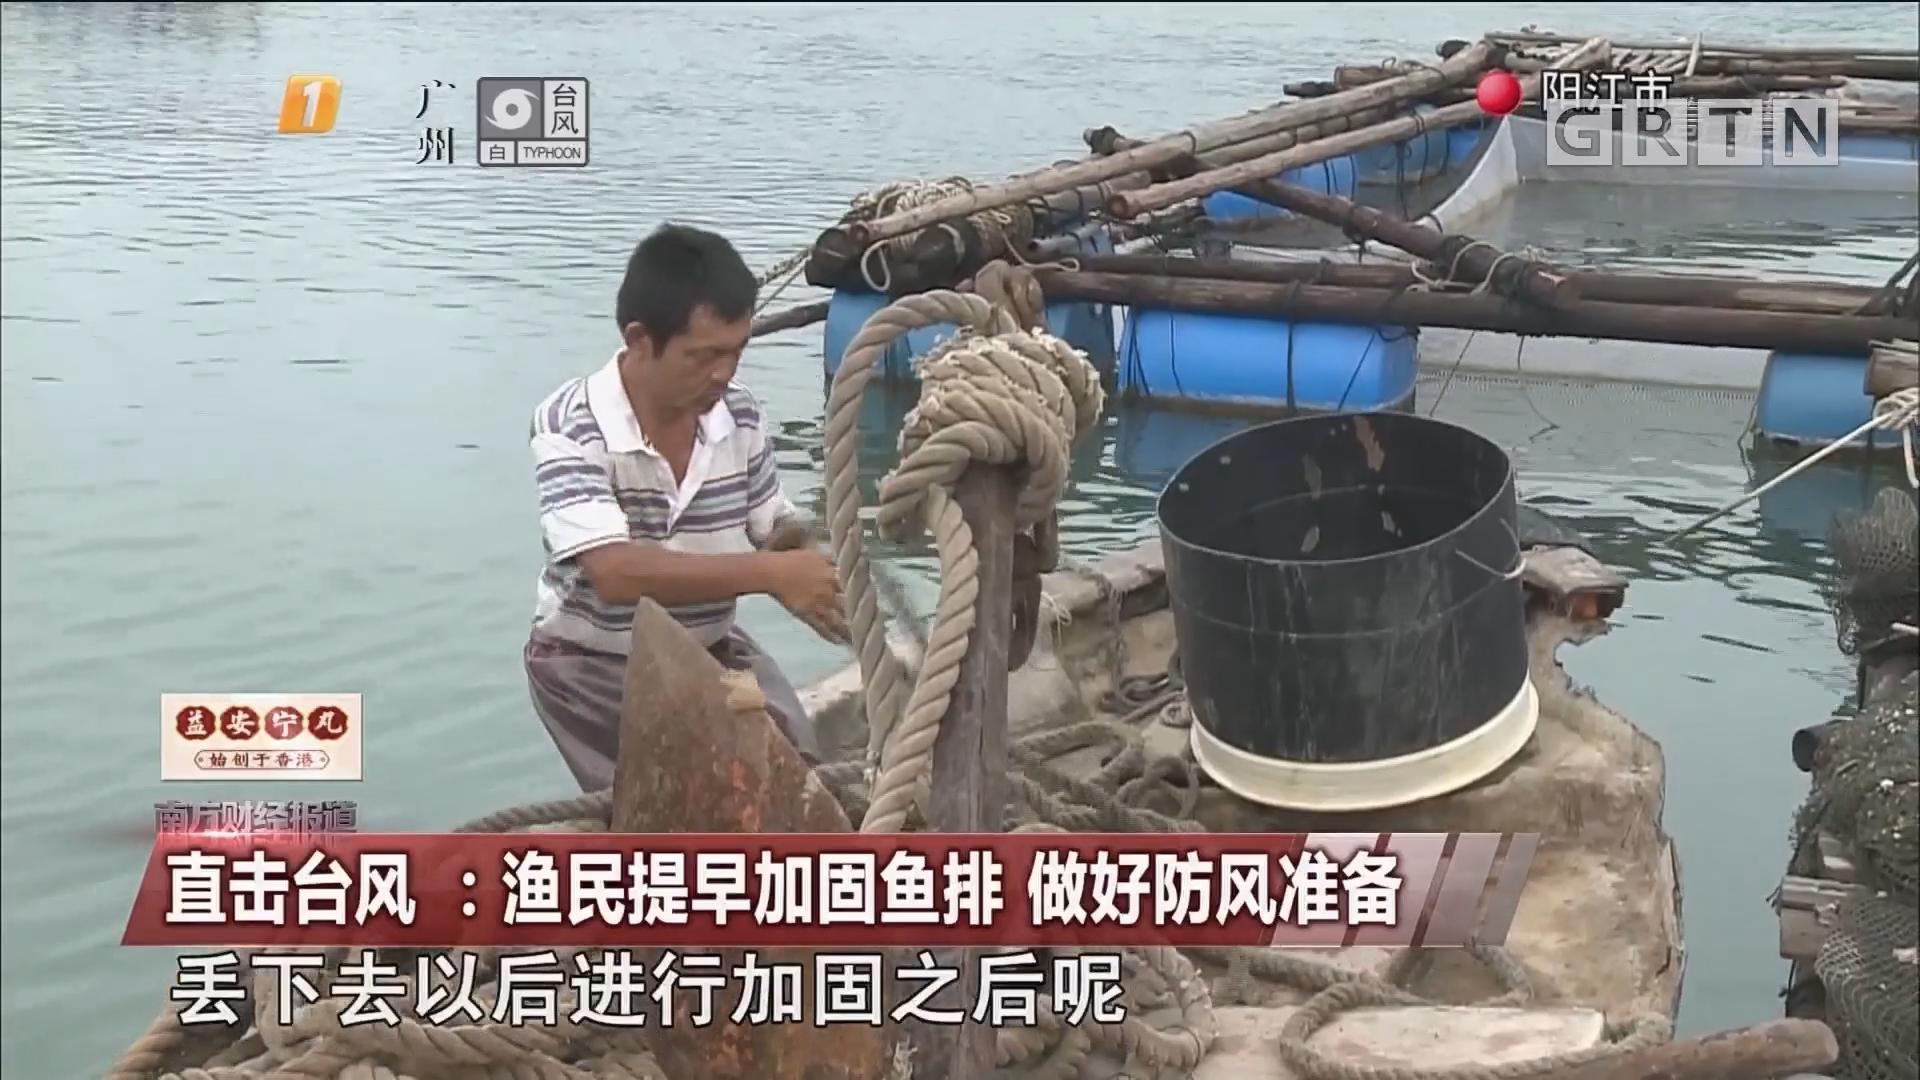 直击台风:渔民提早加固鱼排 做好防风准备